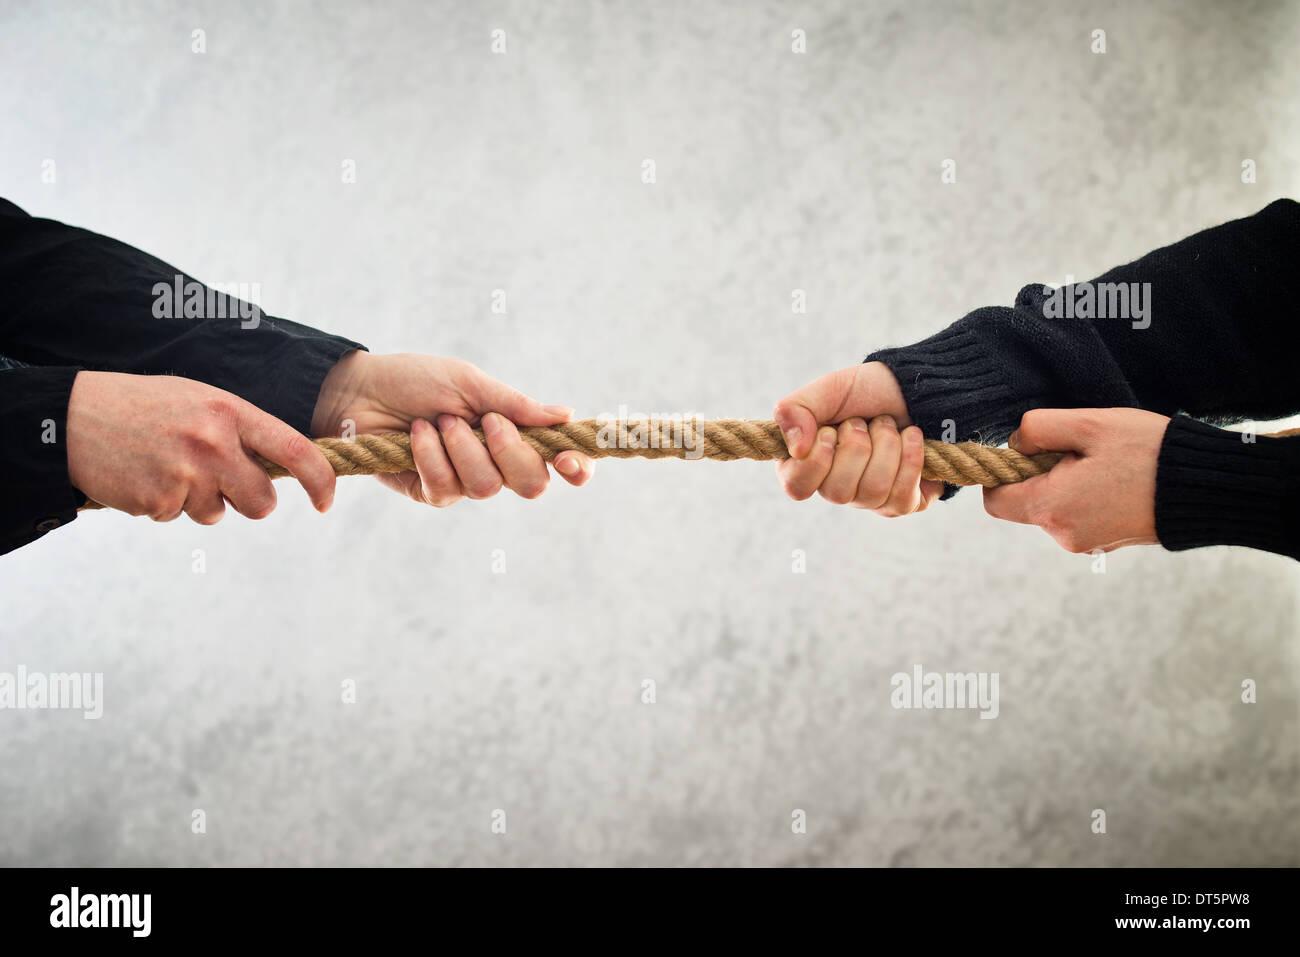 weibliche Hände Zugseil auf gegenüberliegenden Seiten. Rivalität Konzept. Stockbild